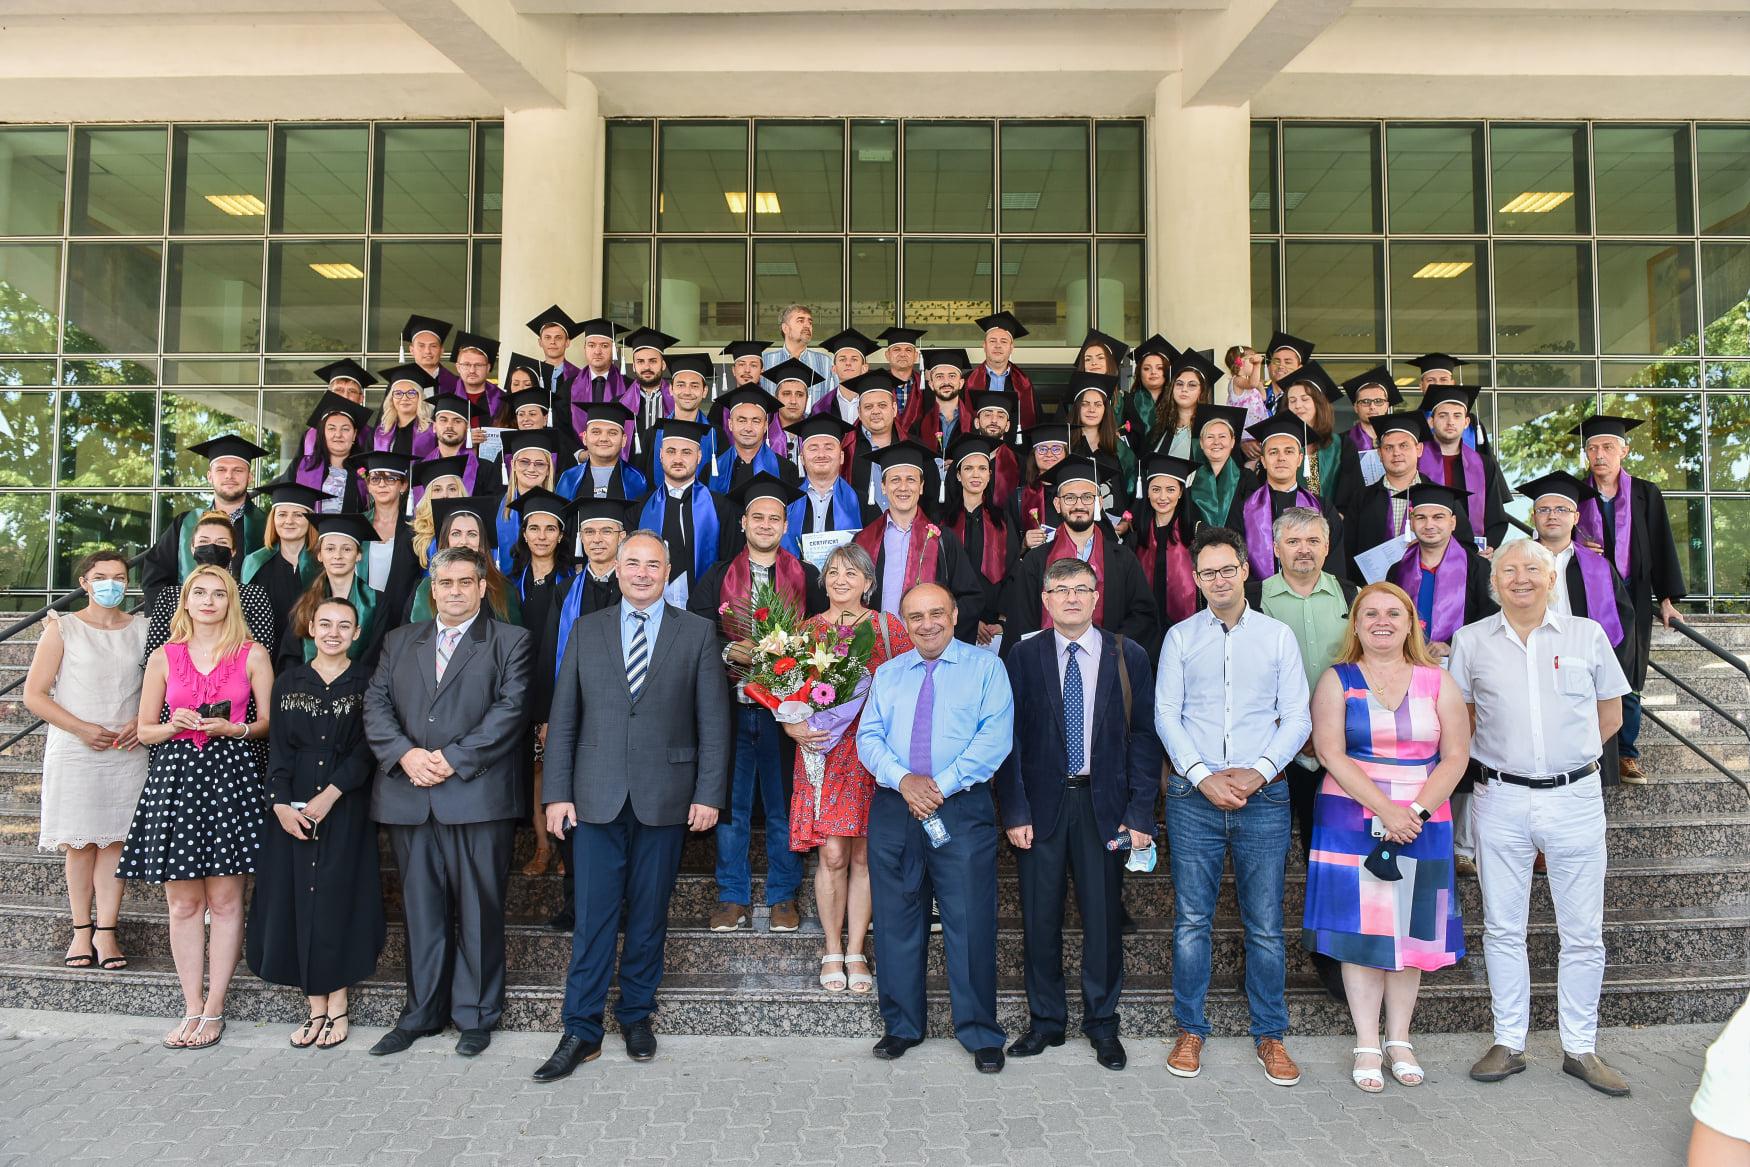 Ceremonia de absolvire ID/IFR – PROMOȚIA 2021 în format HIBRID: emoții live din Auditorium și online, din toate colțurile lumii